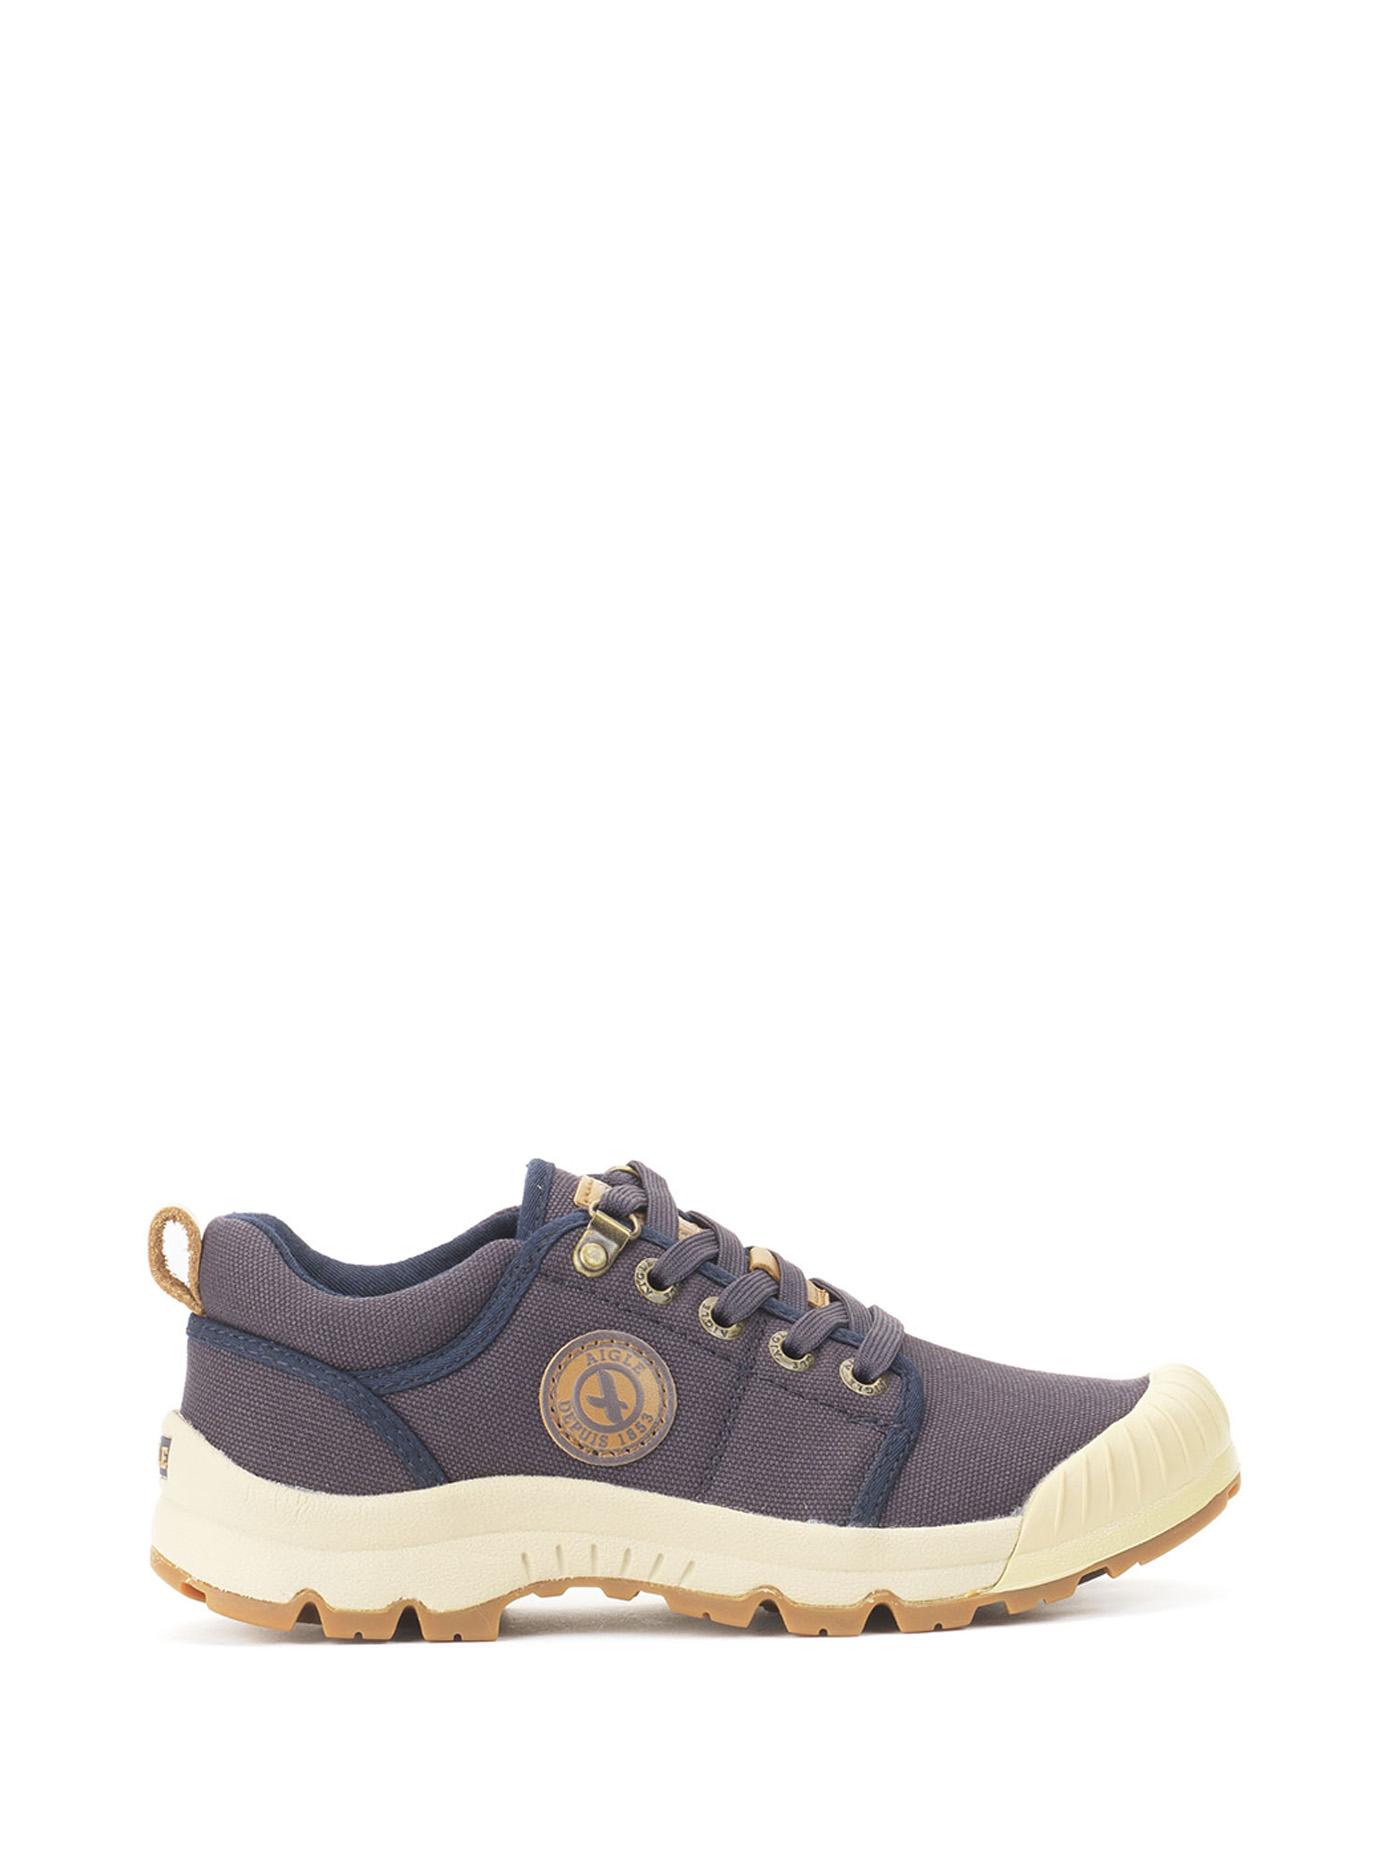 Chaussures de marche et loisirs Mixte Arizonahomme | AIGLE